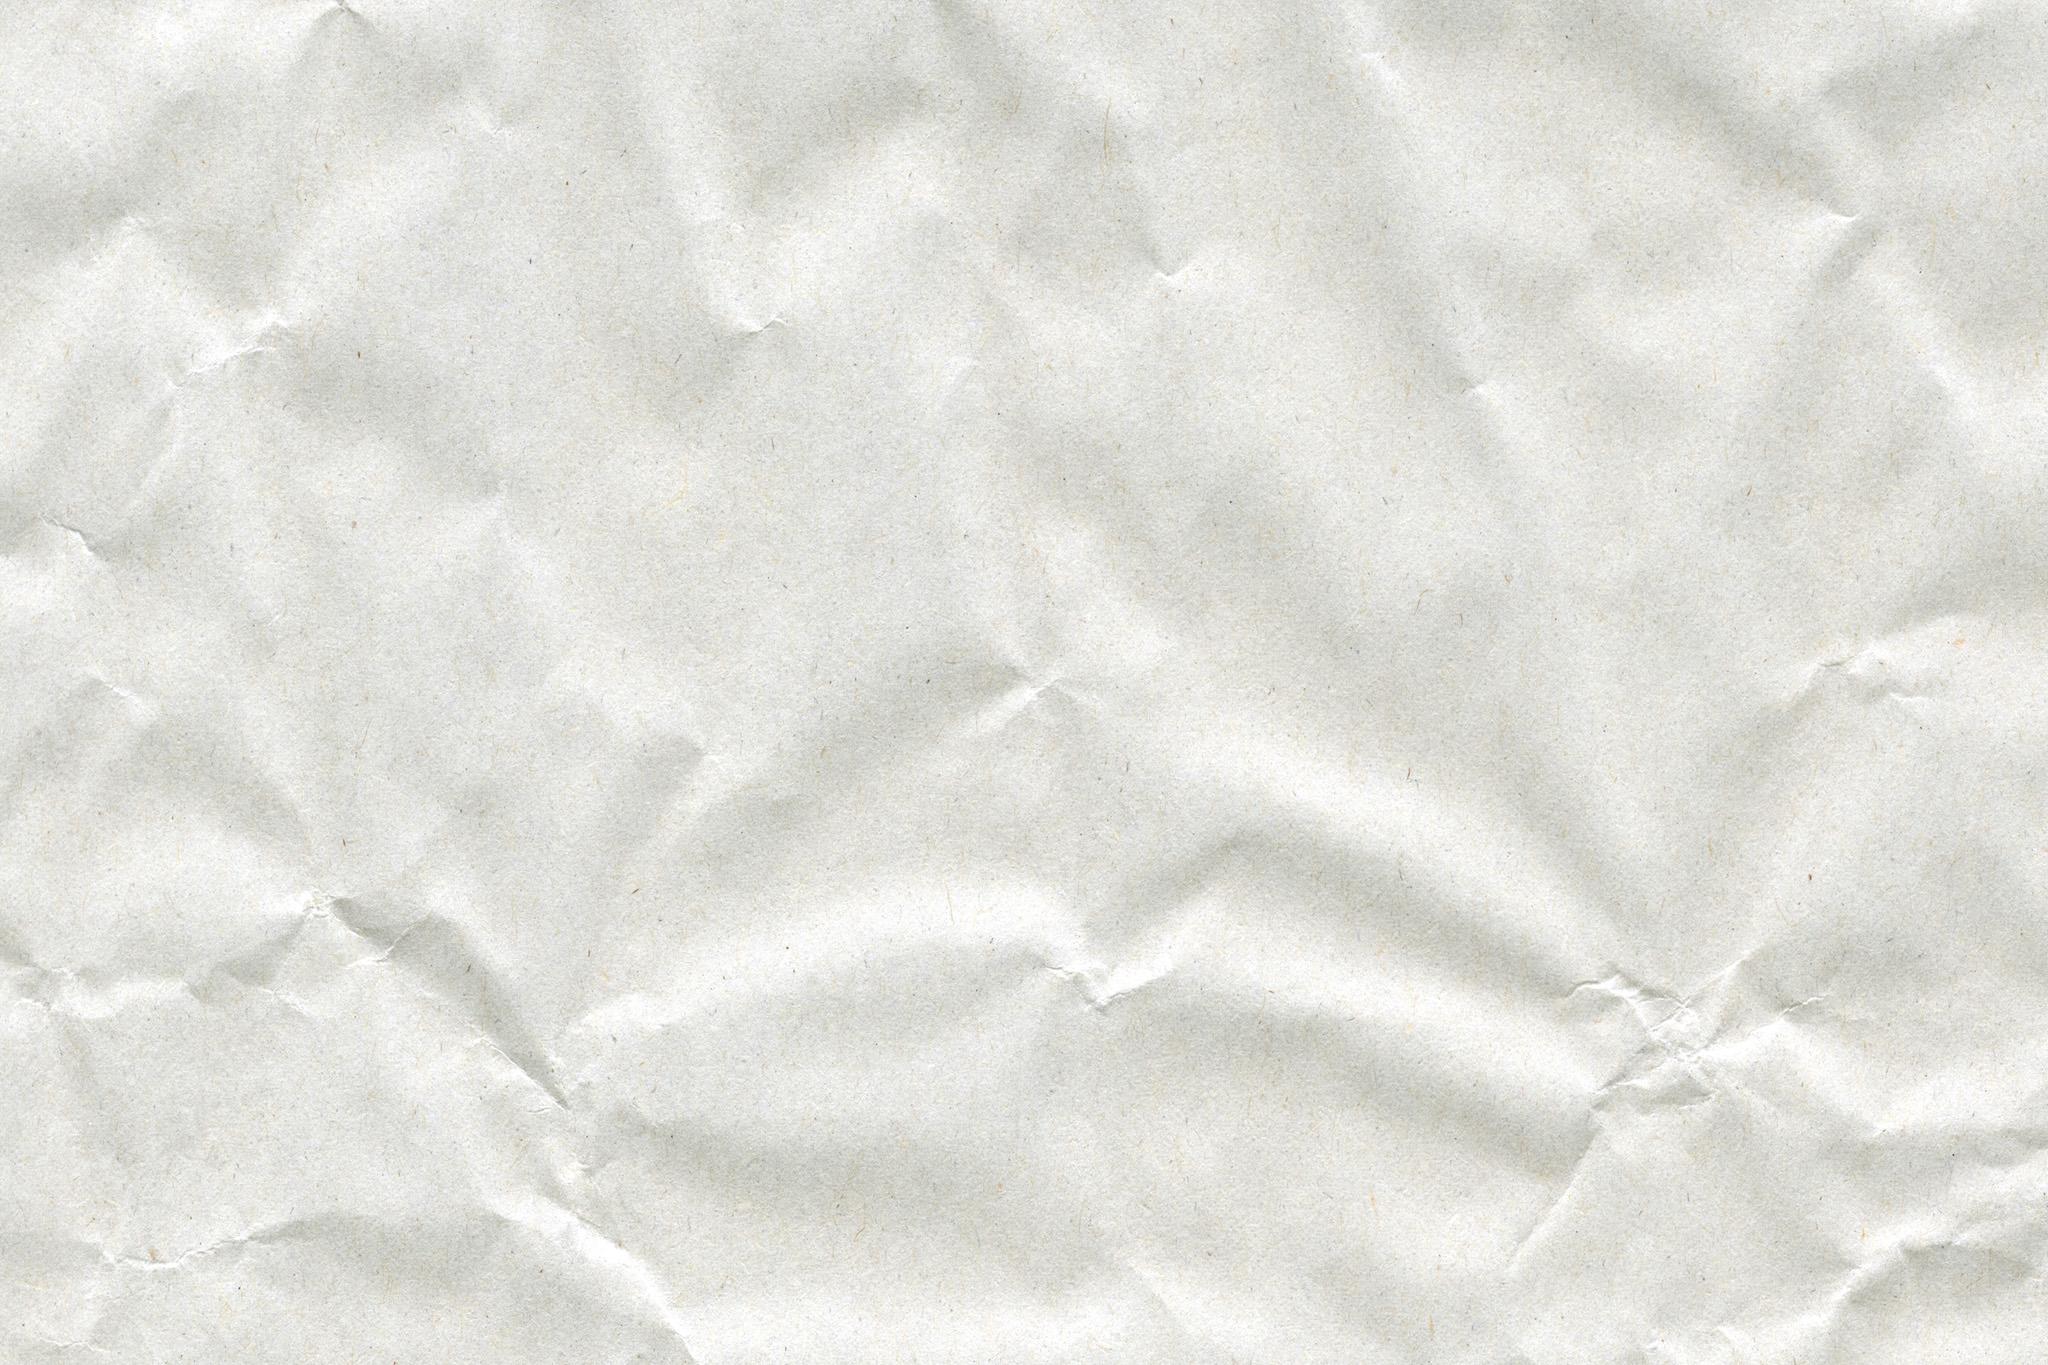 モコモコとした白い紙の質感